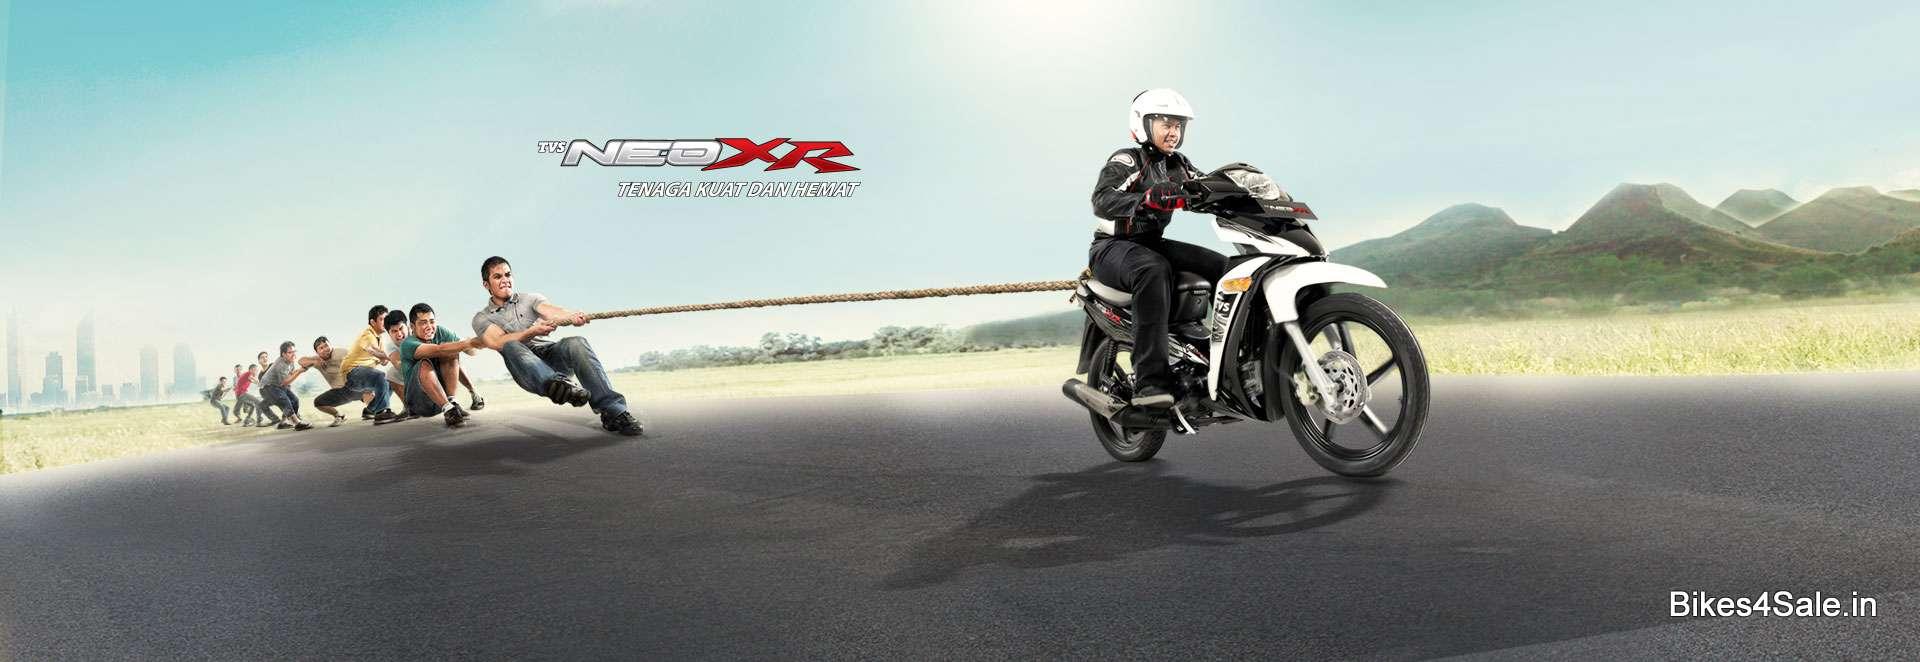 TVS Neo XR